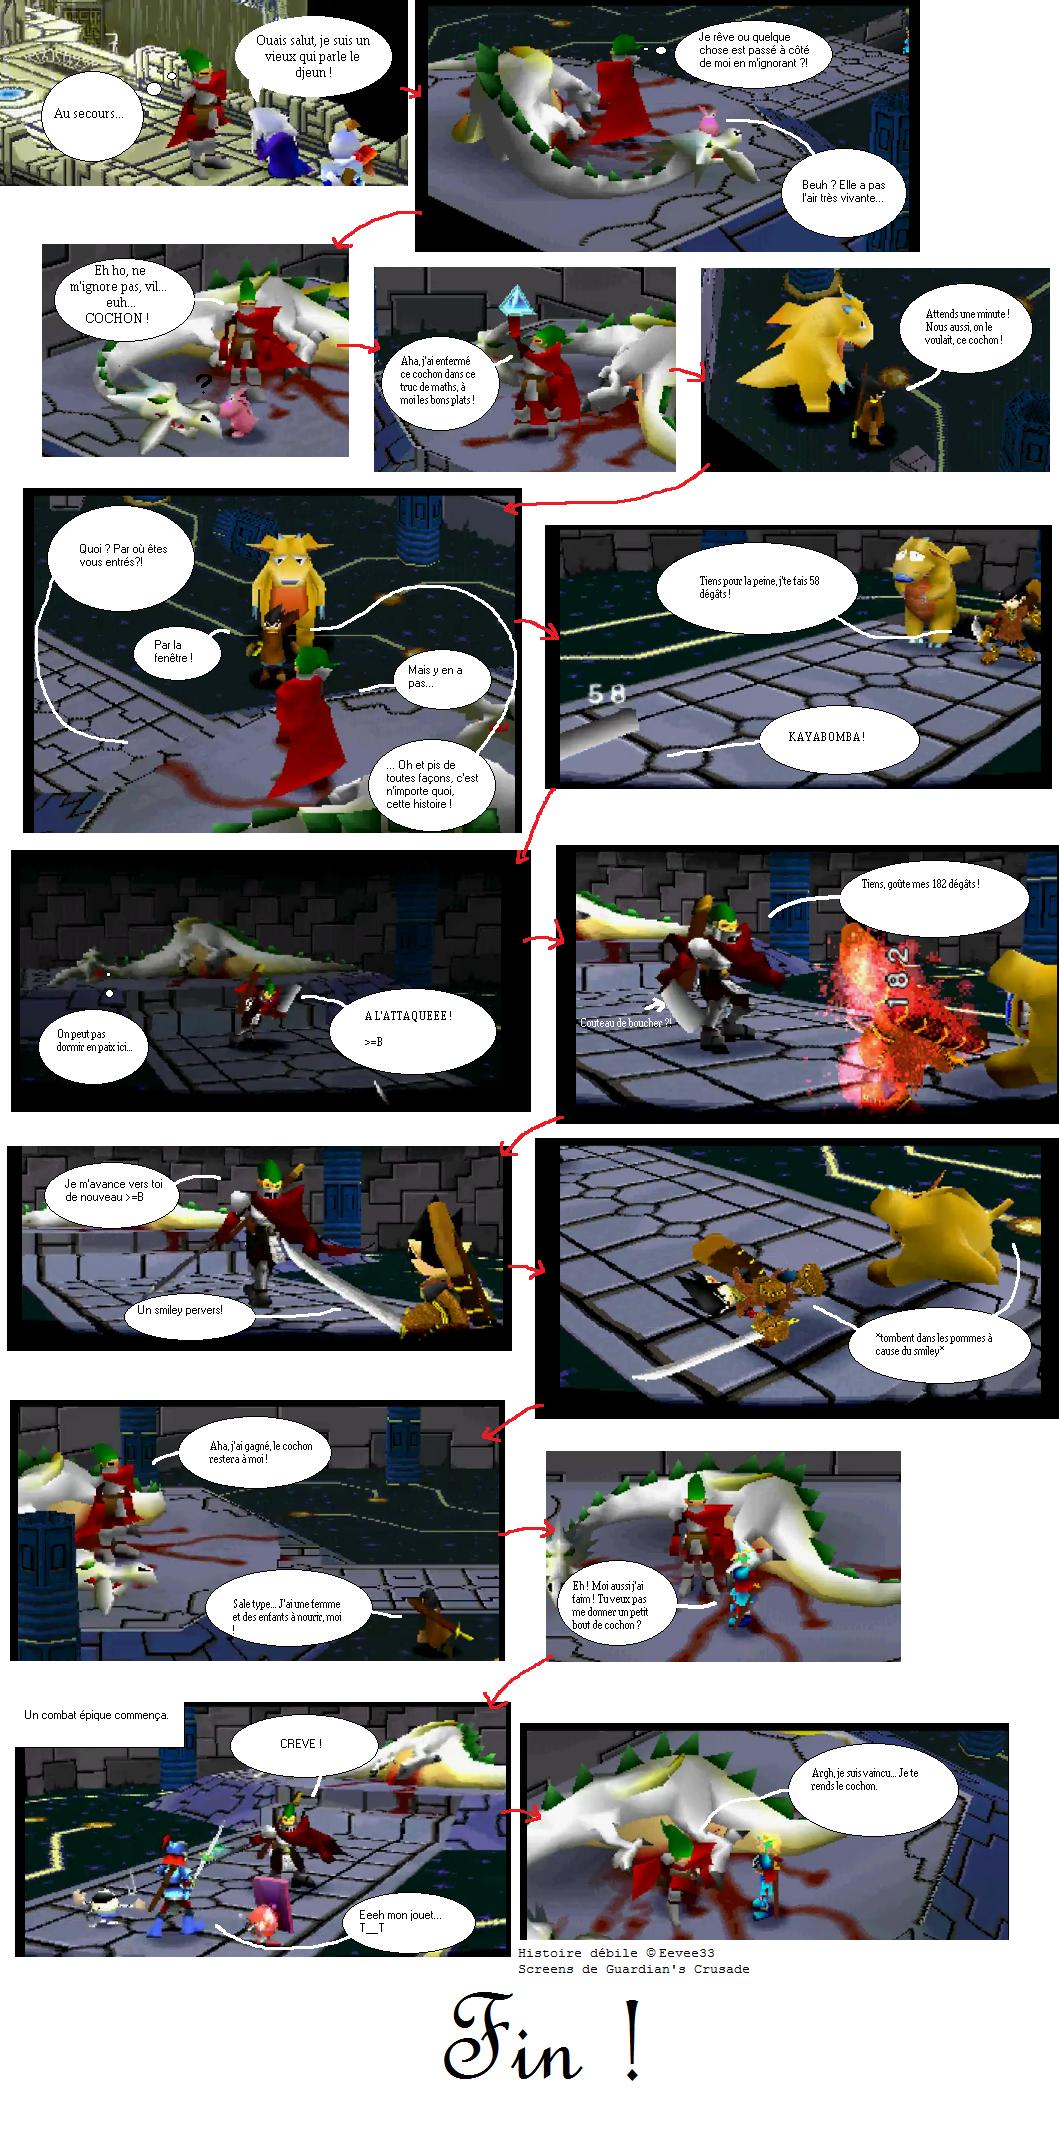 La galerie de l'Évoli sans cervelle... - Page 4 Debilite_by_eevee33-d4epao4